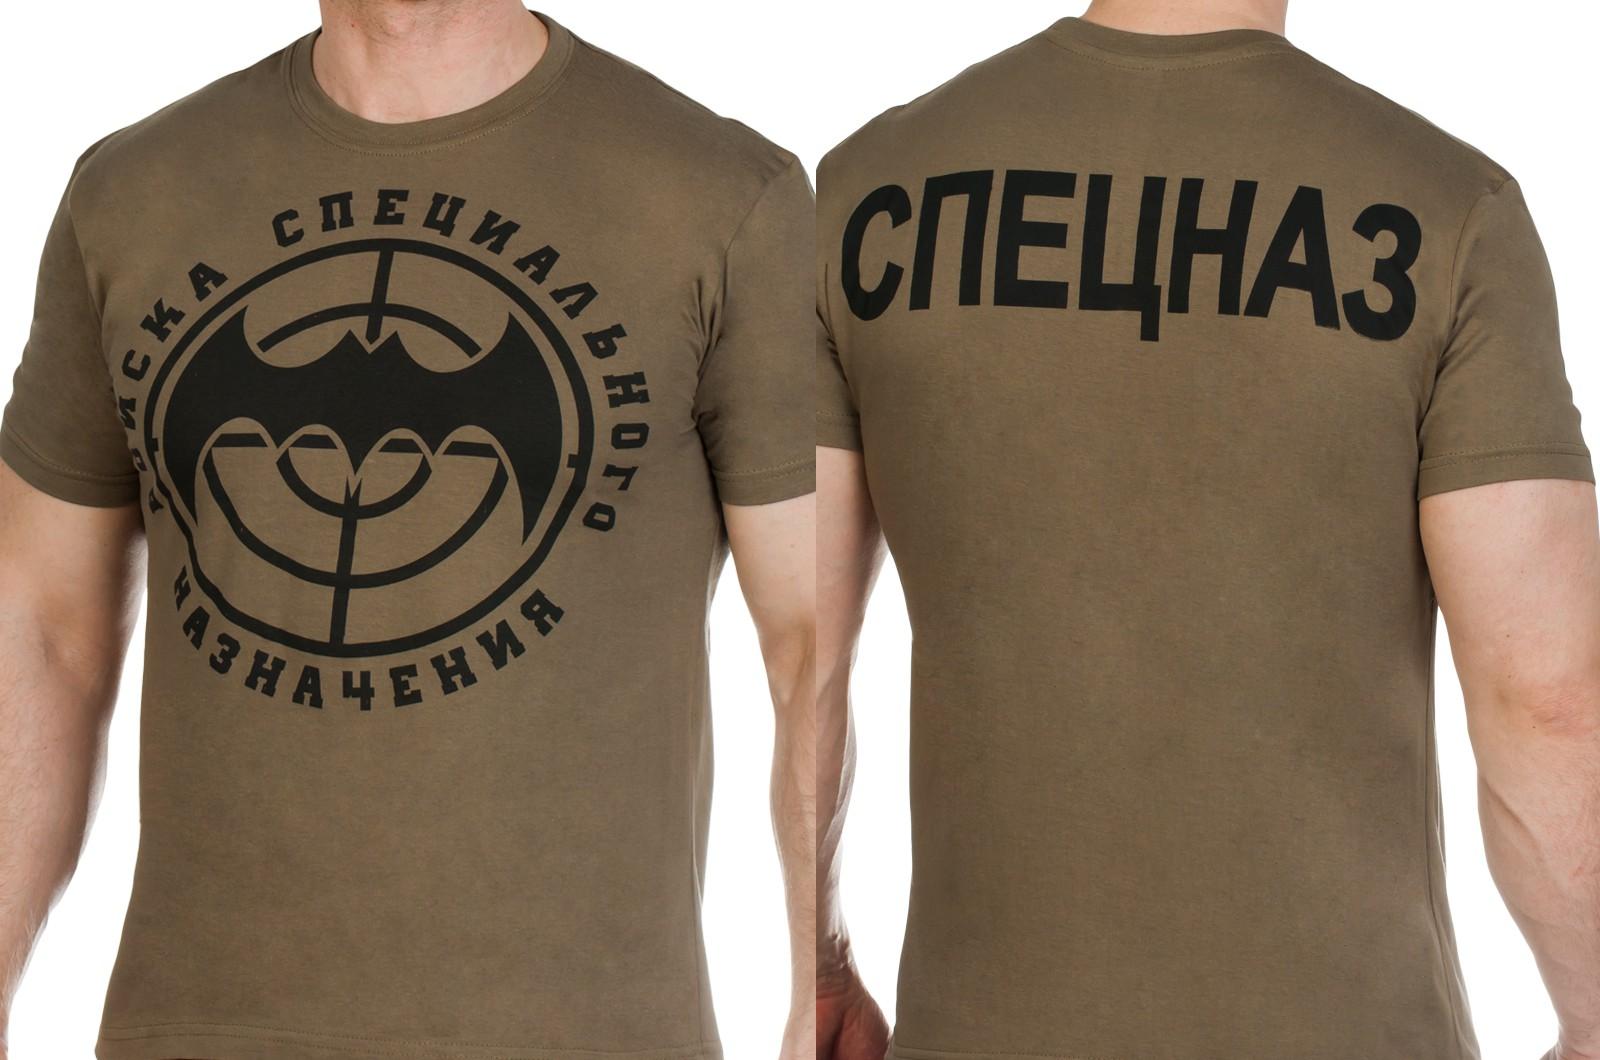 Недорогие футболки для военных и гражданские мужчин – скидки до 80%!